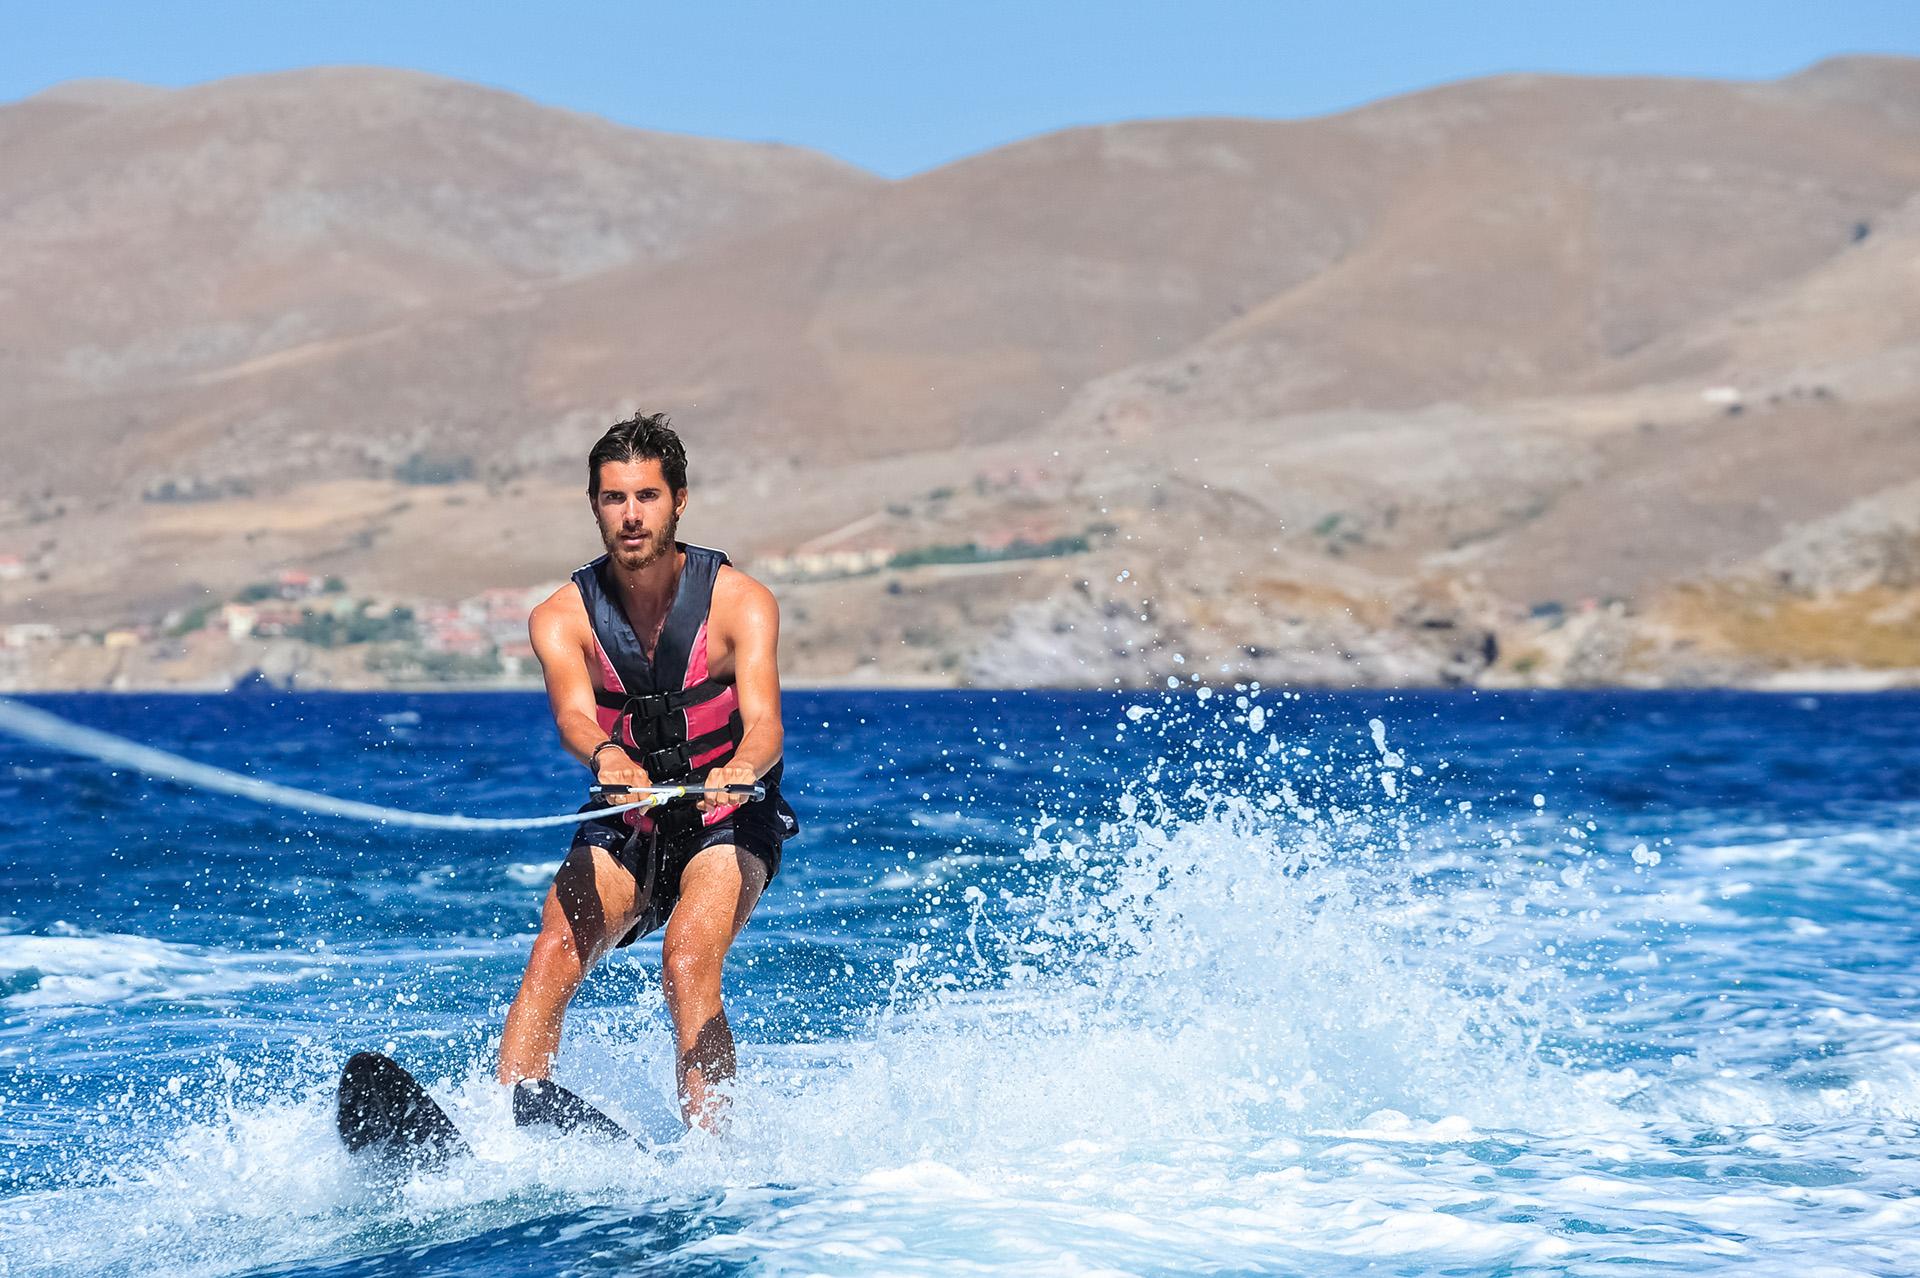 Joven practicando esquí acuático en el lago de Tequesquitengo, en el estado de Morelos